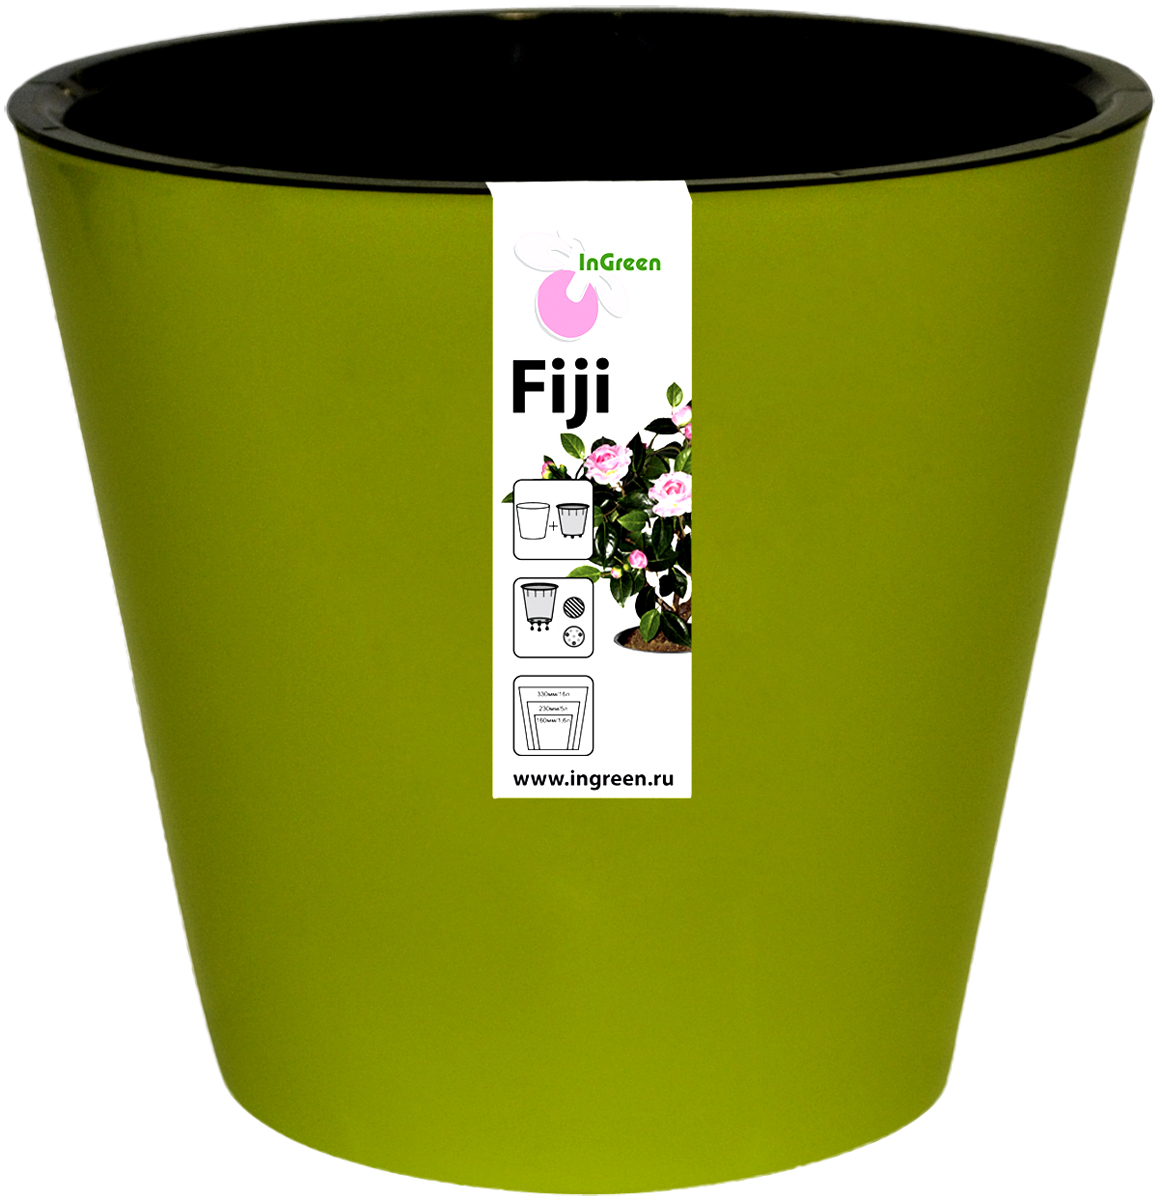 Горшок для цветов InGreen Фиджи, с системой автополива, цвет: зелено-желтый, диаметр 23 смING1555СЛГоршок InGreen Фиджи, выполненный из высококачественного пластика, предназначен для выращивания комнатных цветов, растений и трав. Специальная конструкция обеспечивает вентиляцию в корневой системе растения, а дренажные отверстия позволяют выходить лишней влаге из почвы. Изделие состоит из цветного кашпо и внутреннего горшка. Растение высаживается во внутренний горшок и вставляется в кашпо. Инновационная система автополива обладает рядом преимуществ: экономит время при уходе за растением, вода не протекает при поливе и нет необходимости в подставке, корни не застаиваются в воде.Такой горшок порадует вас современным дизайном и функциональностью, а также оригинально украсит интерьер любого помещения. Объем горшка: 5 л. Диаметр горшка (по верхнему краю): 23 см.Высота горшка: 20,8 см.